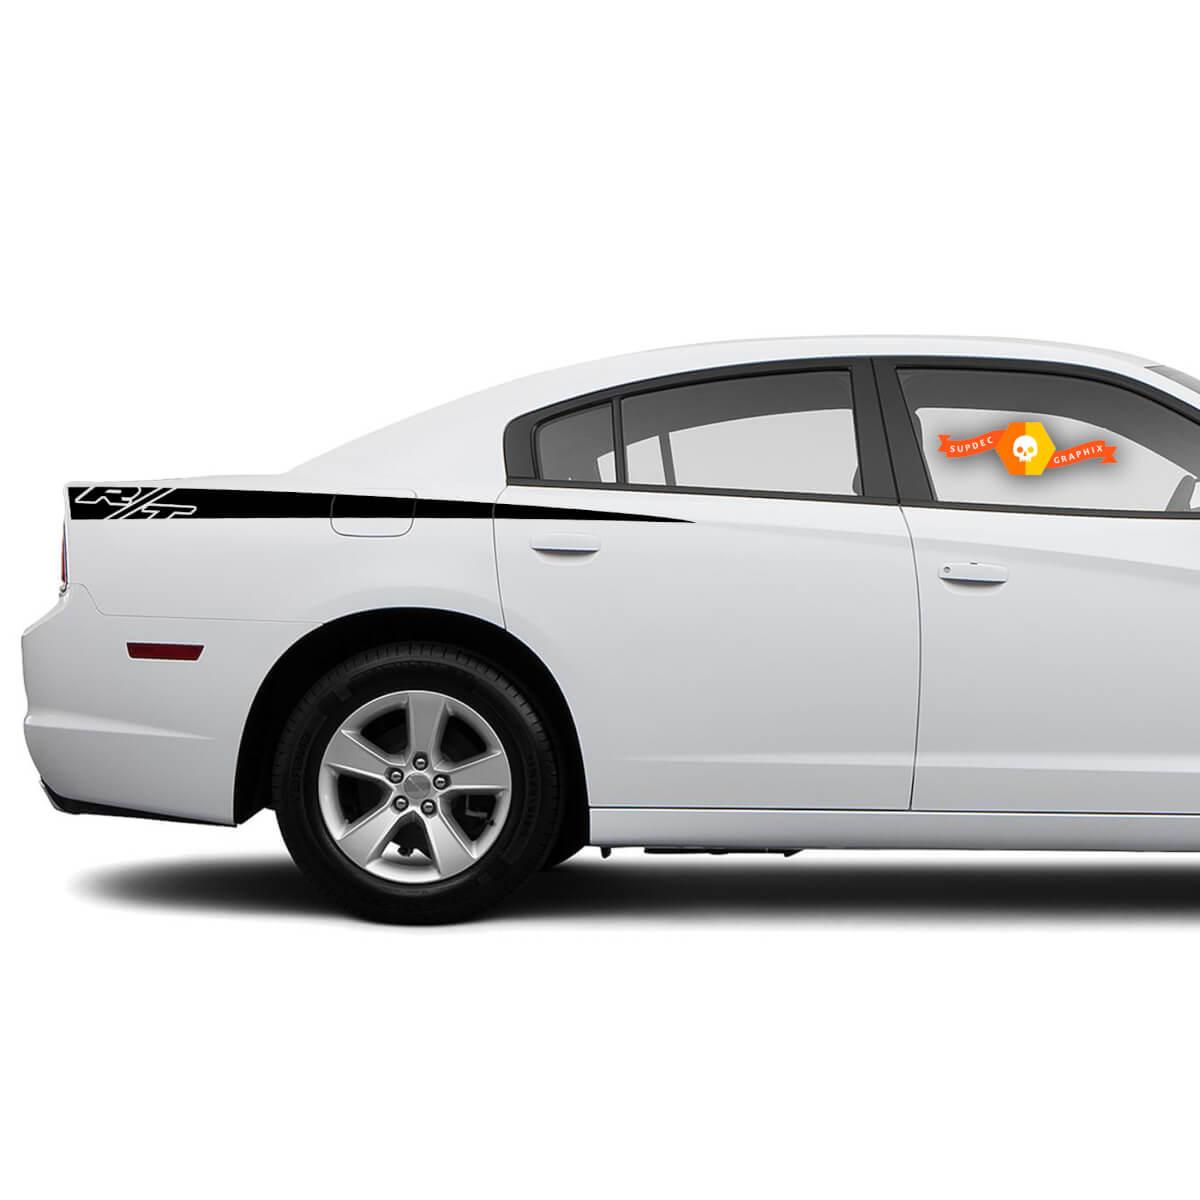 Dodge Charger R / T Aufkleber Aufkleber Seitengrafiken passen zu Modellen 2011-2014